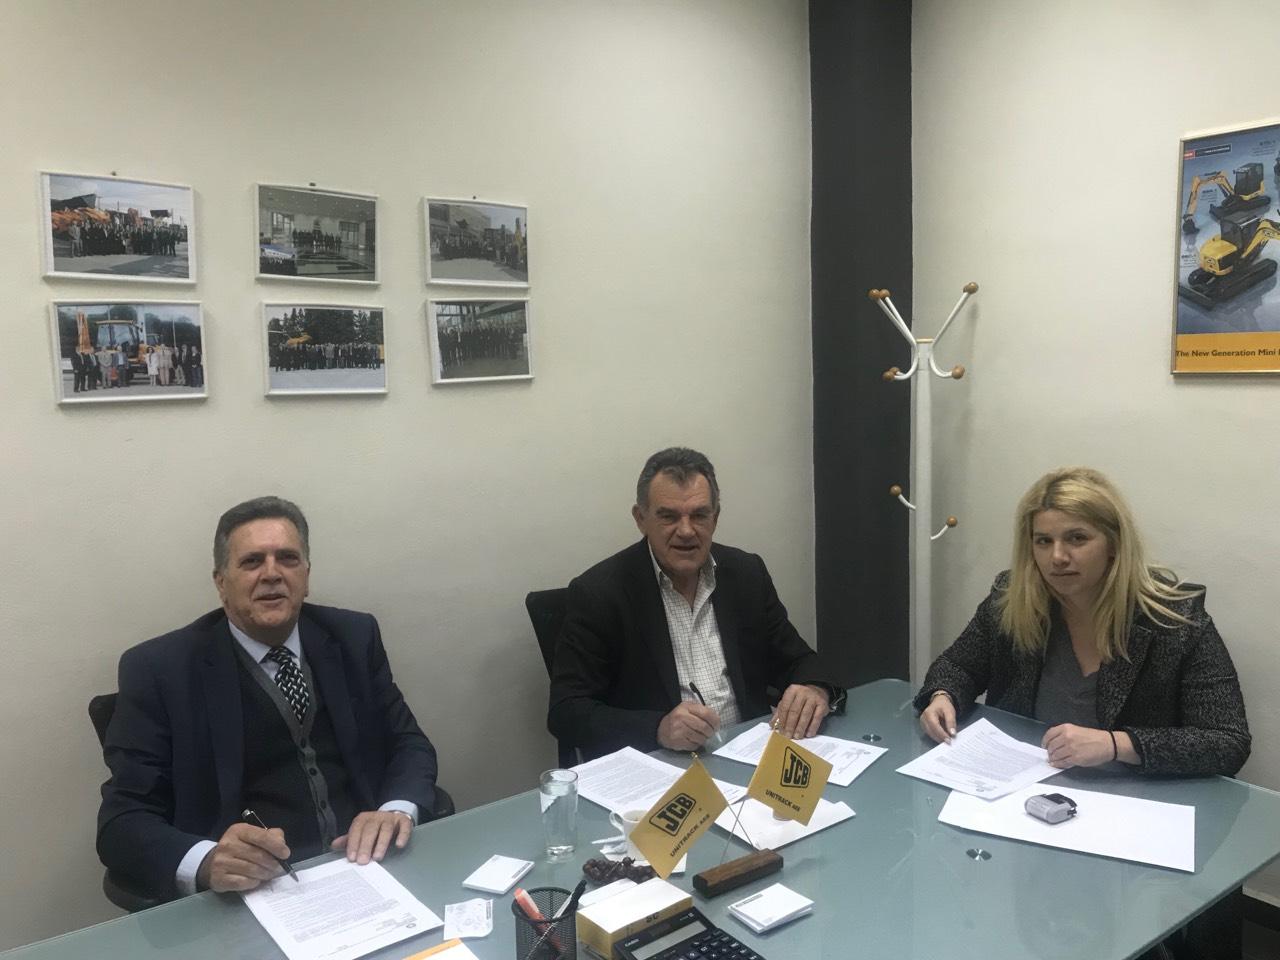 Υπογράφηκαν οι συμβάσεις για την προμήθεια 4 νέων μηχανημάτων έργου του Δήμου Μεσσήνης. 26